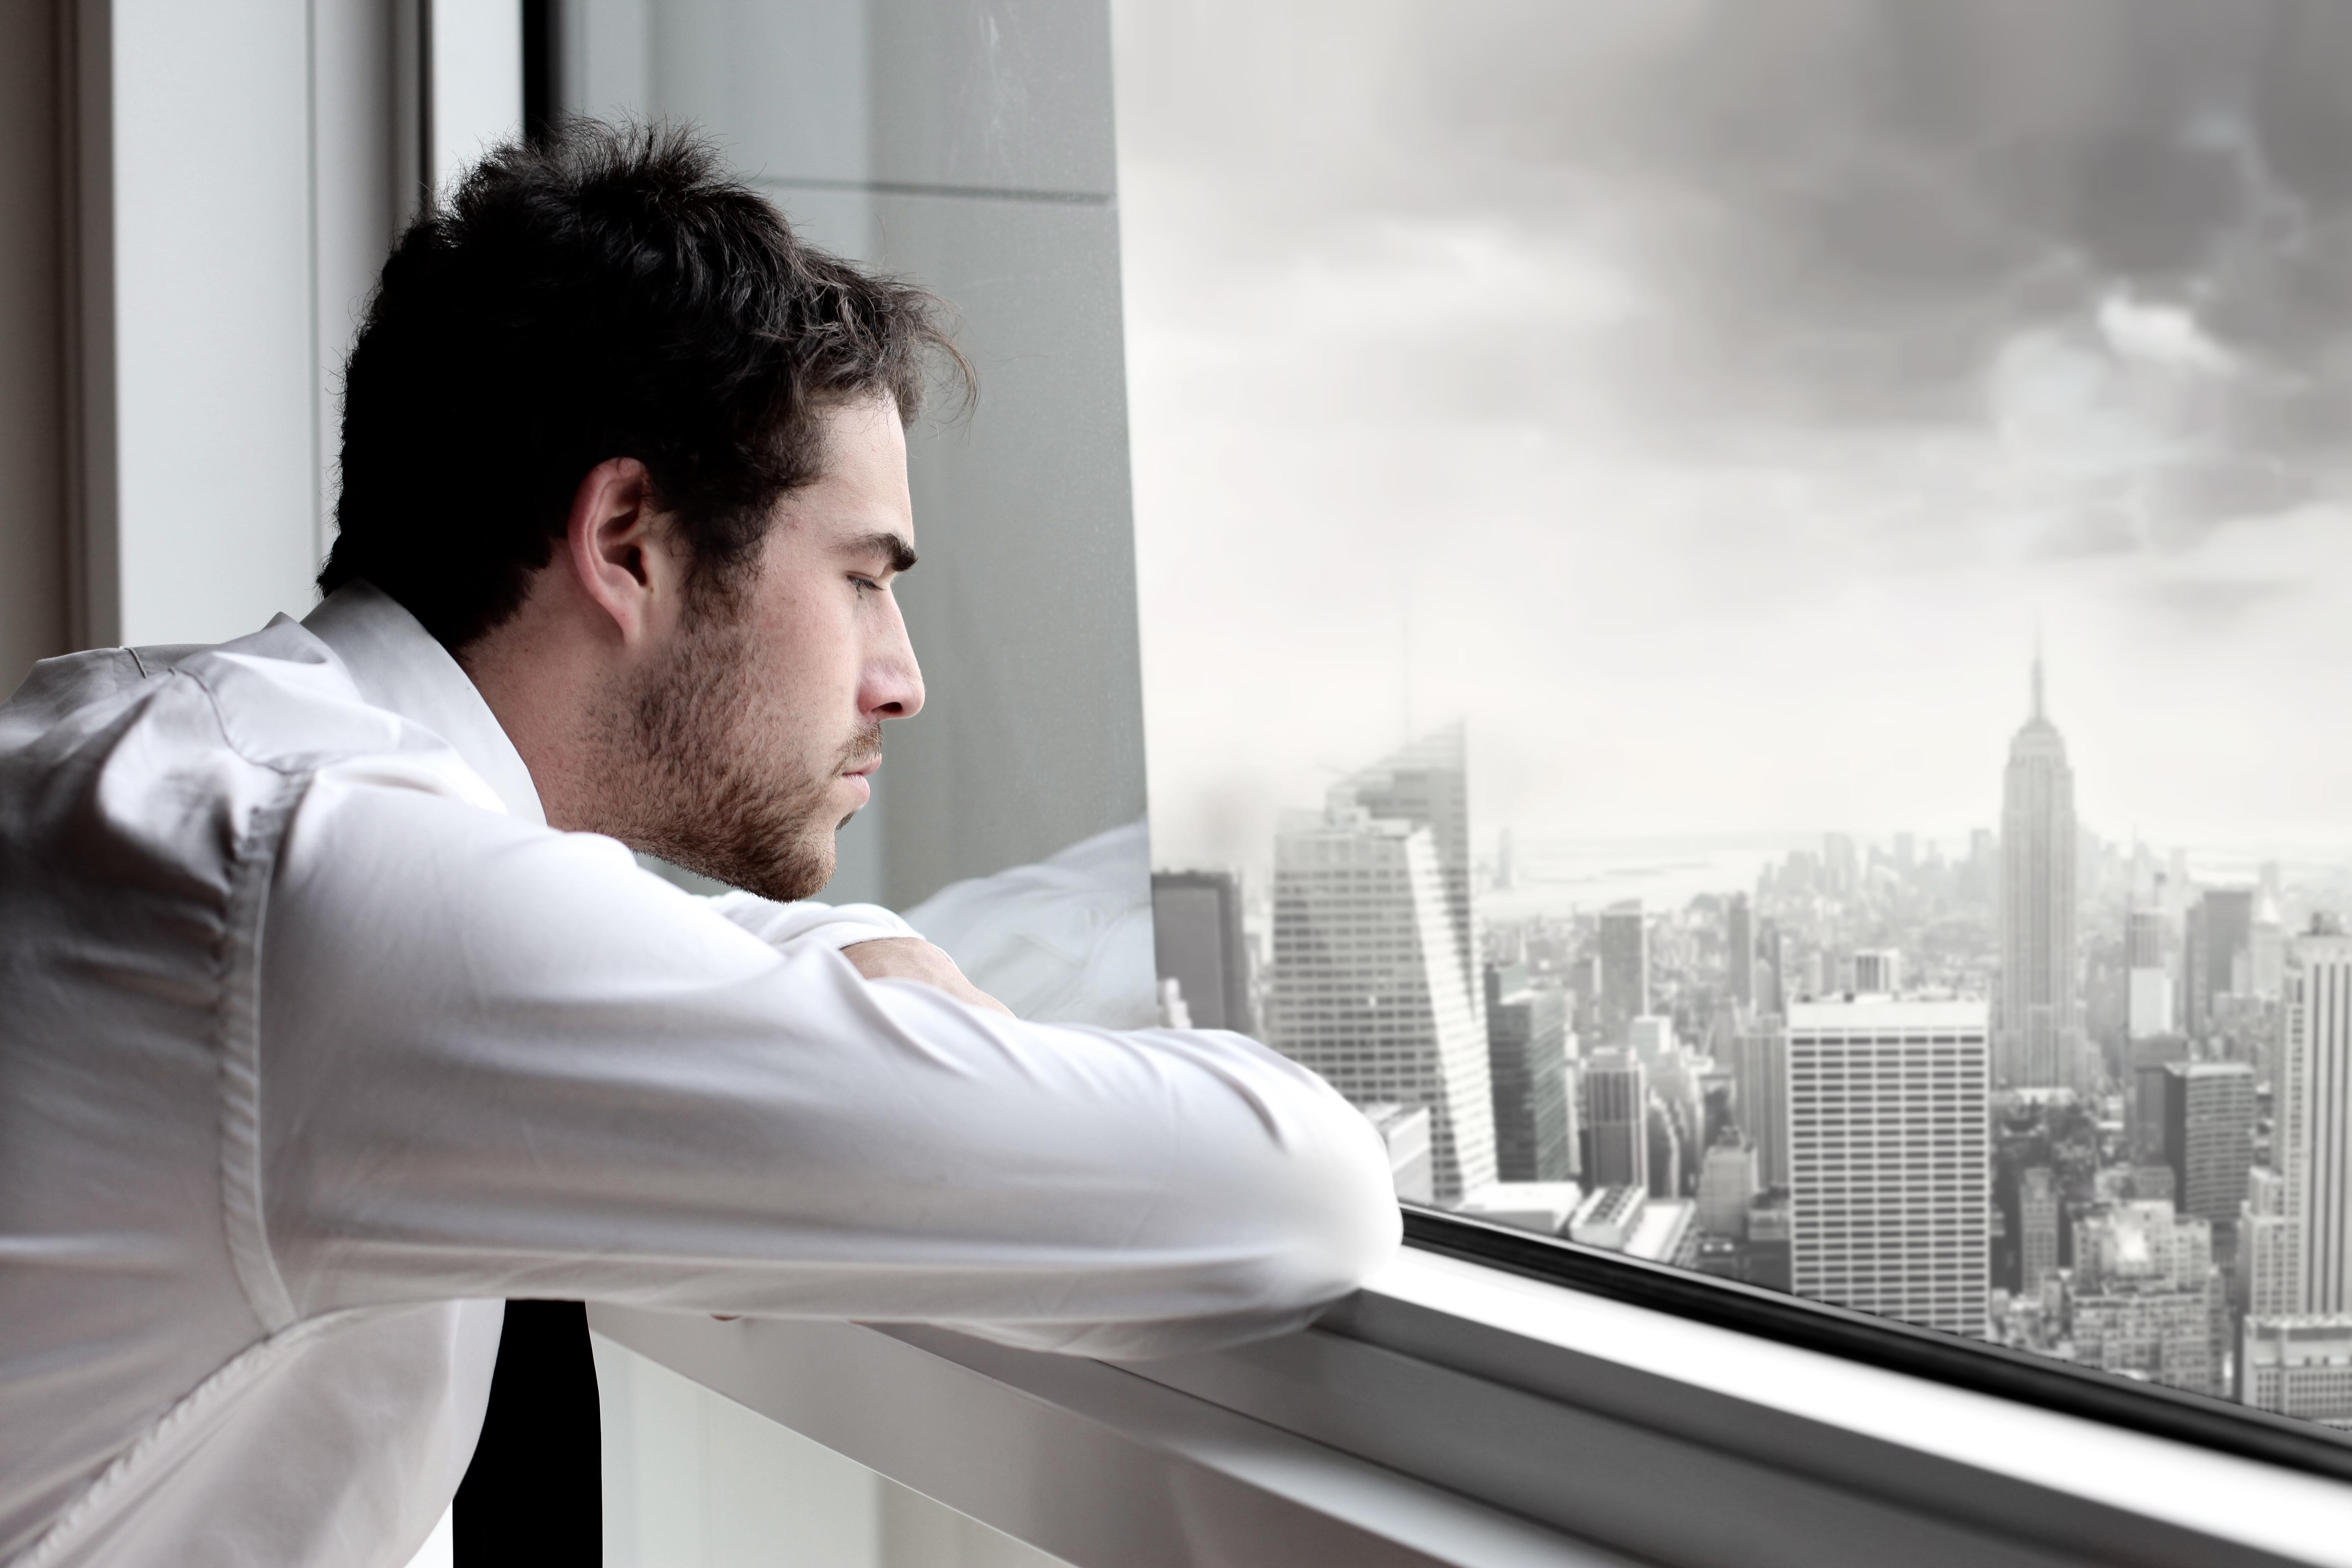 Фото мужик у окна 5 фотография